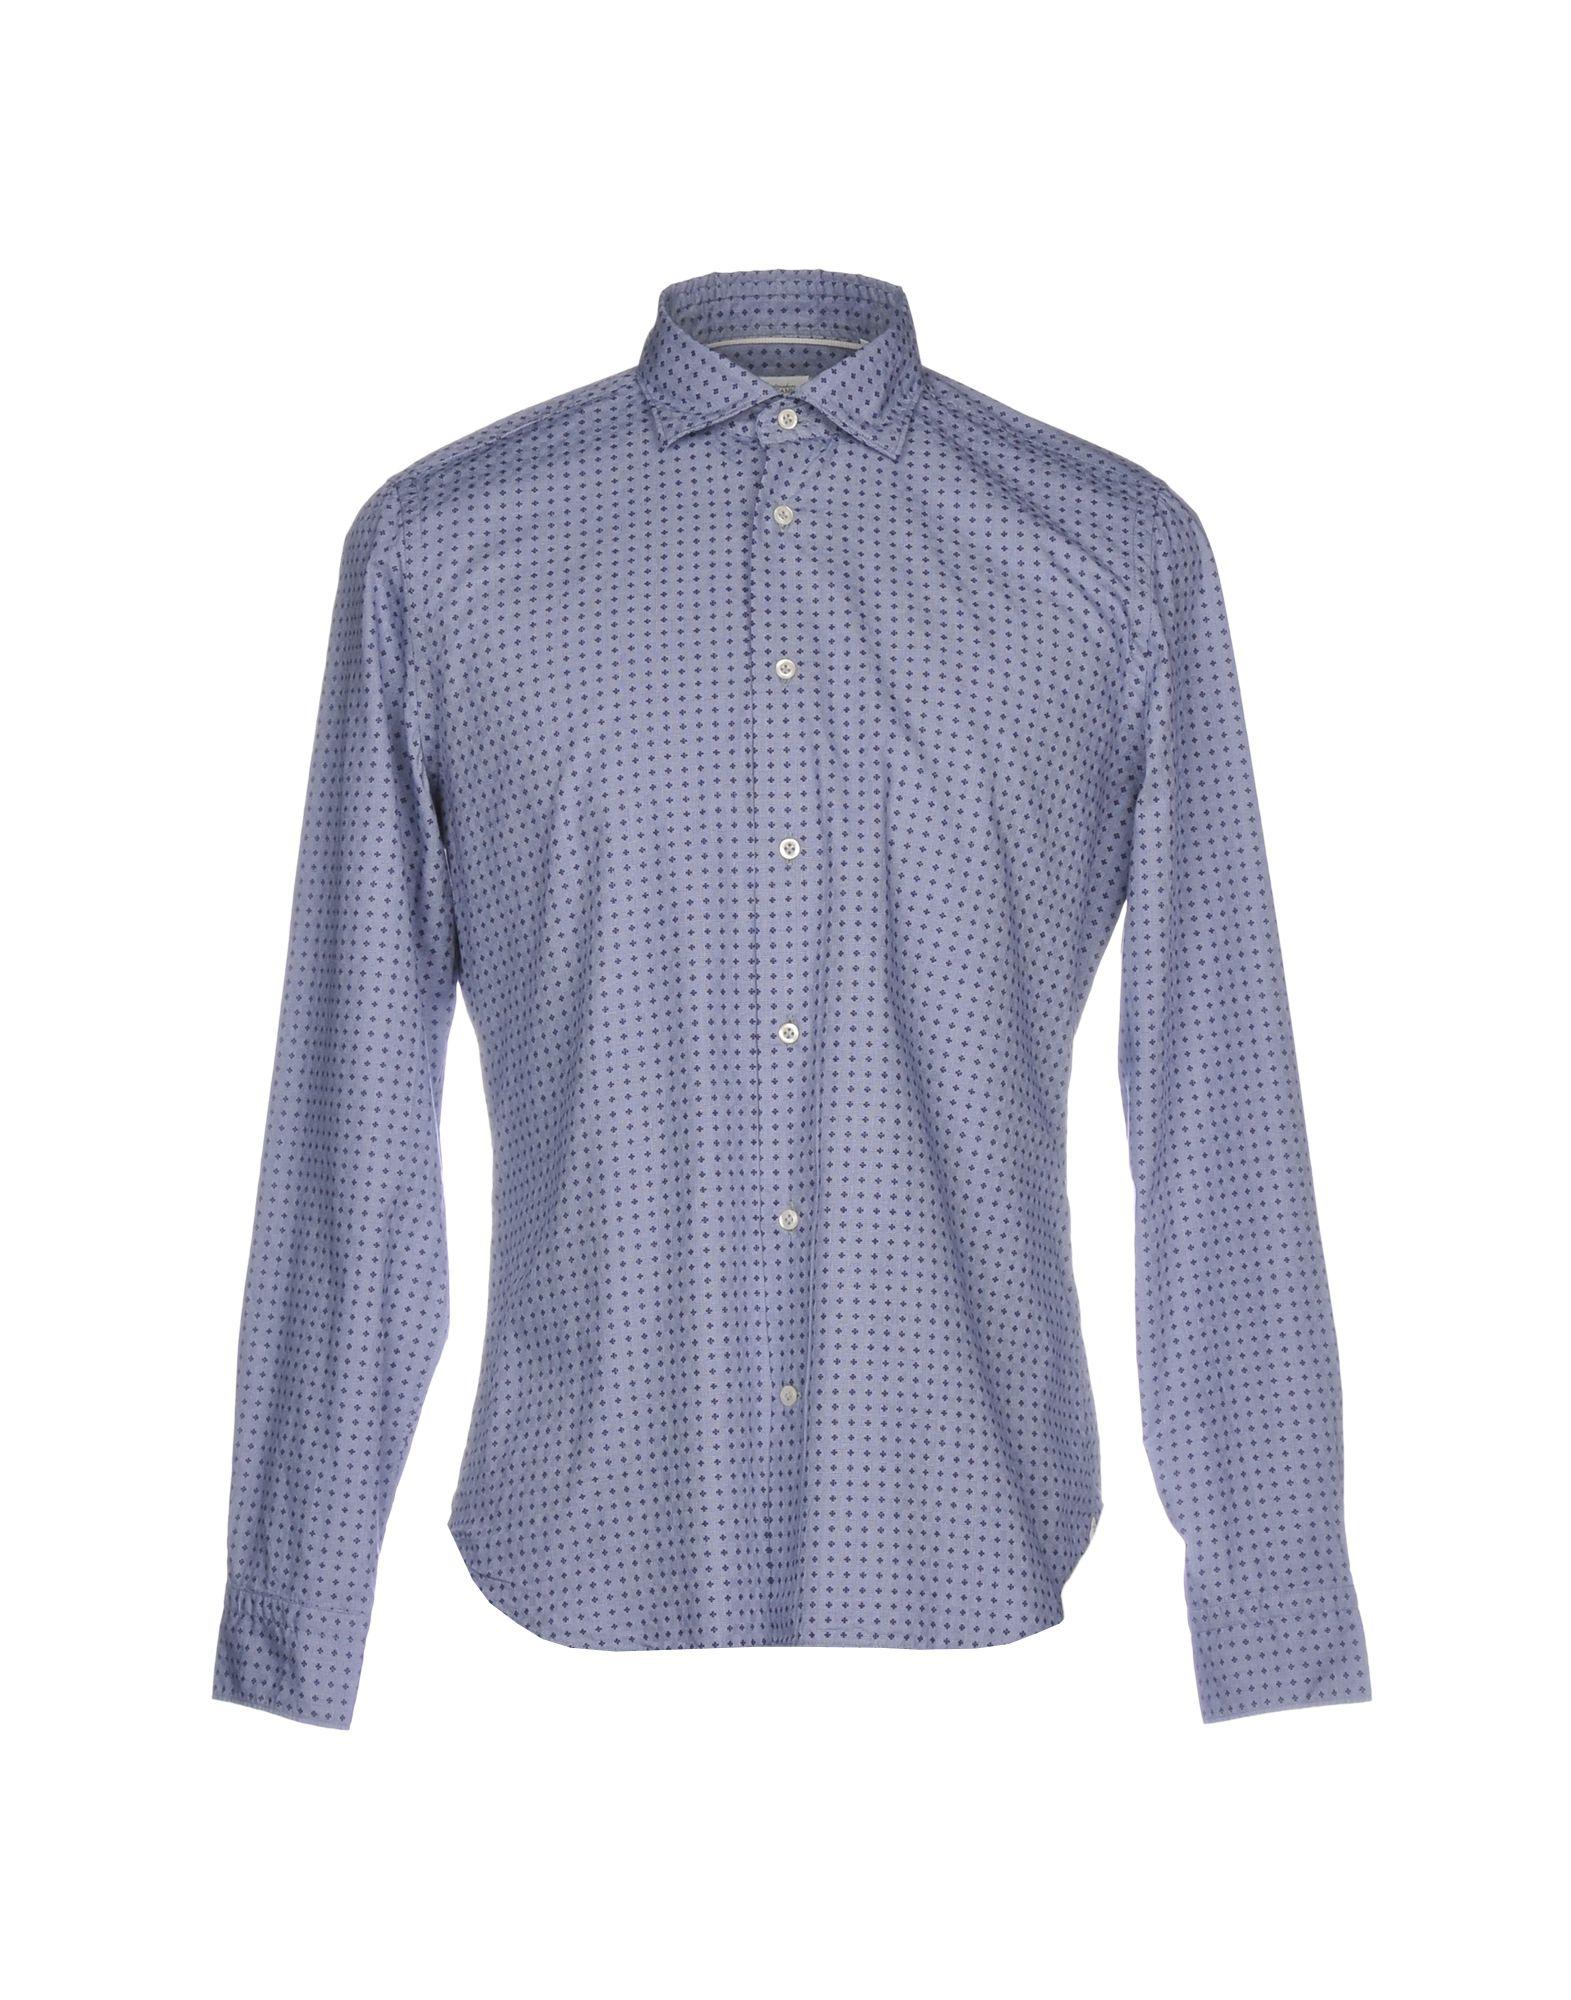 《送料無料》MASTRICAMICIAI メンズ シャツ ブルーグレー 40 コットン 100%